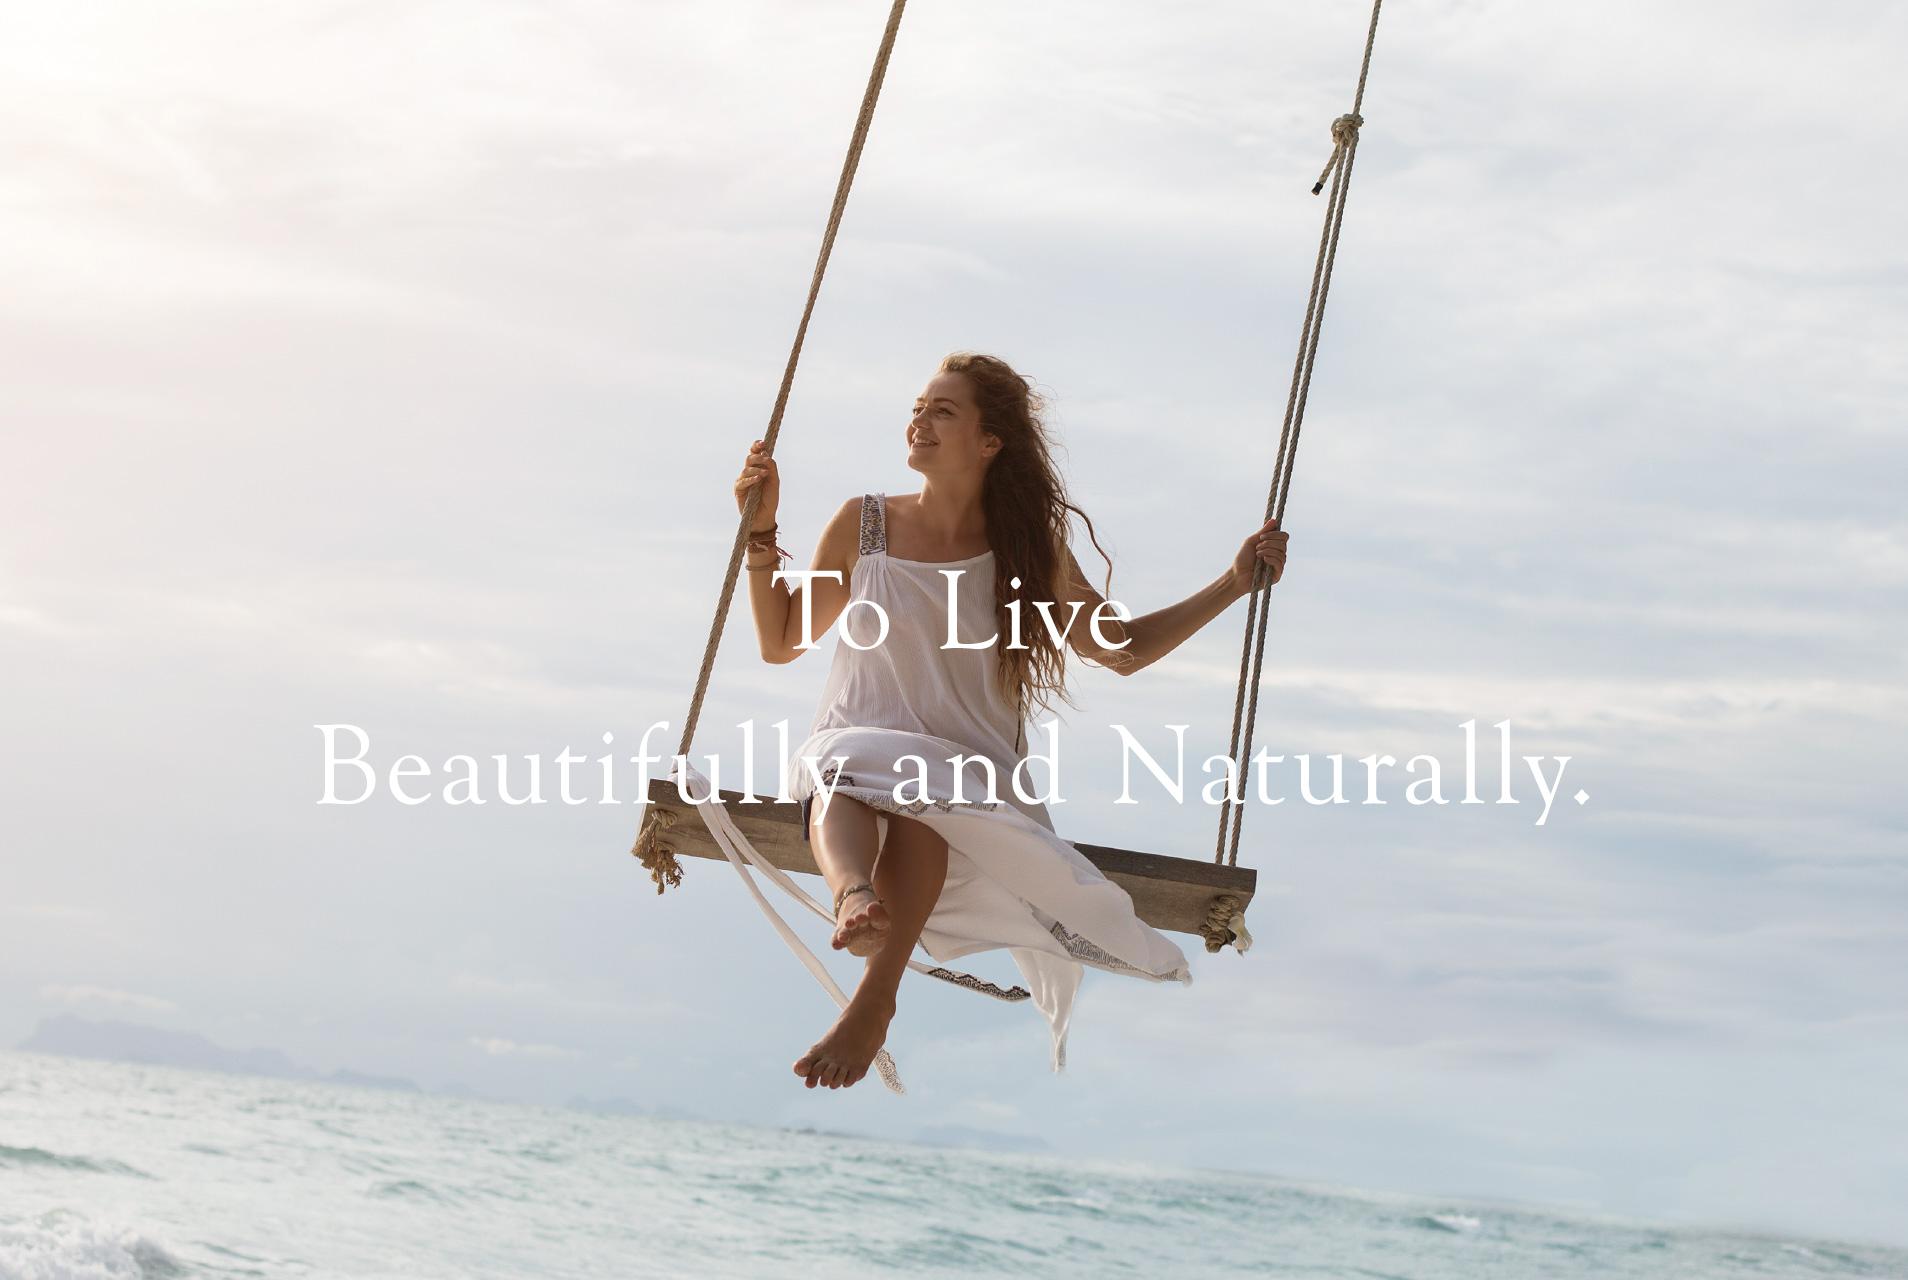 美しく、素直に生きるために。